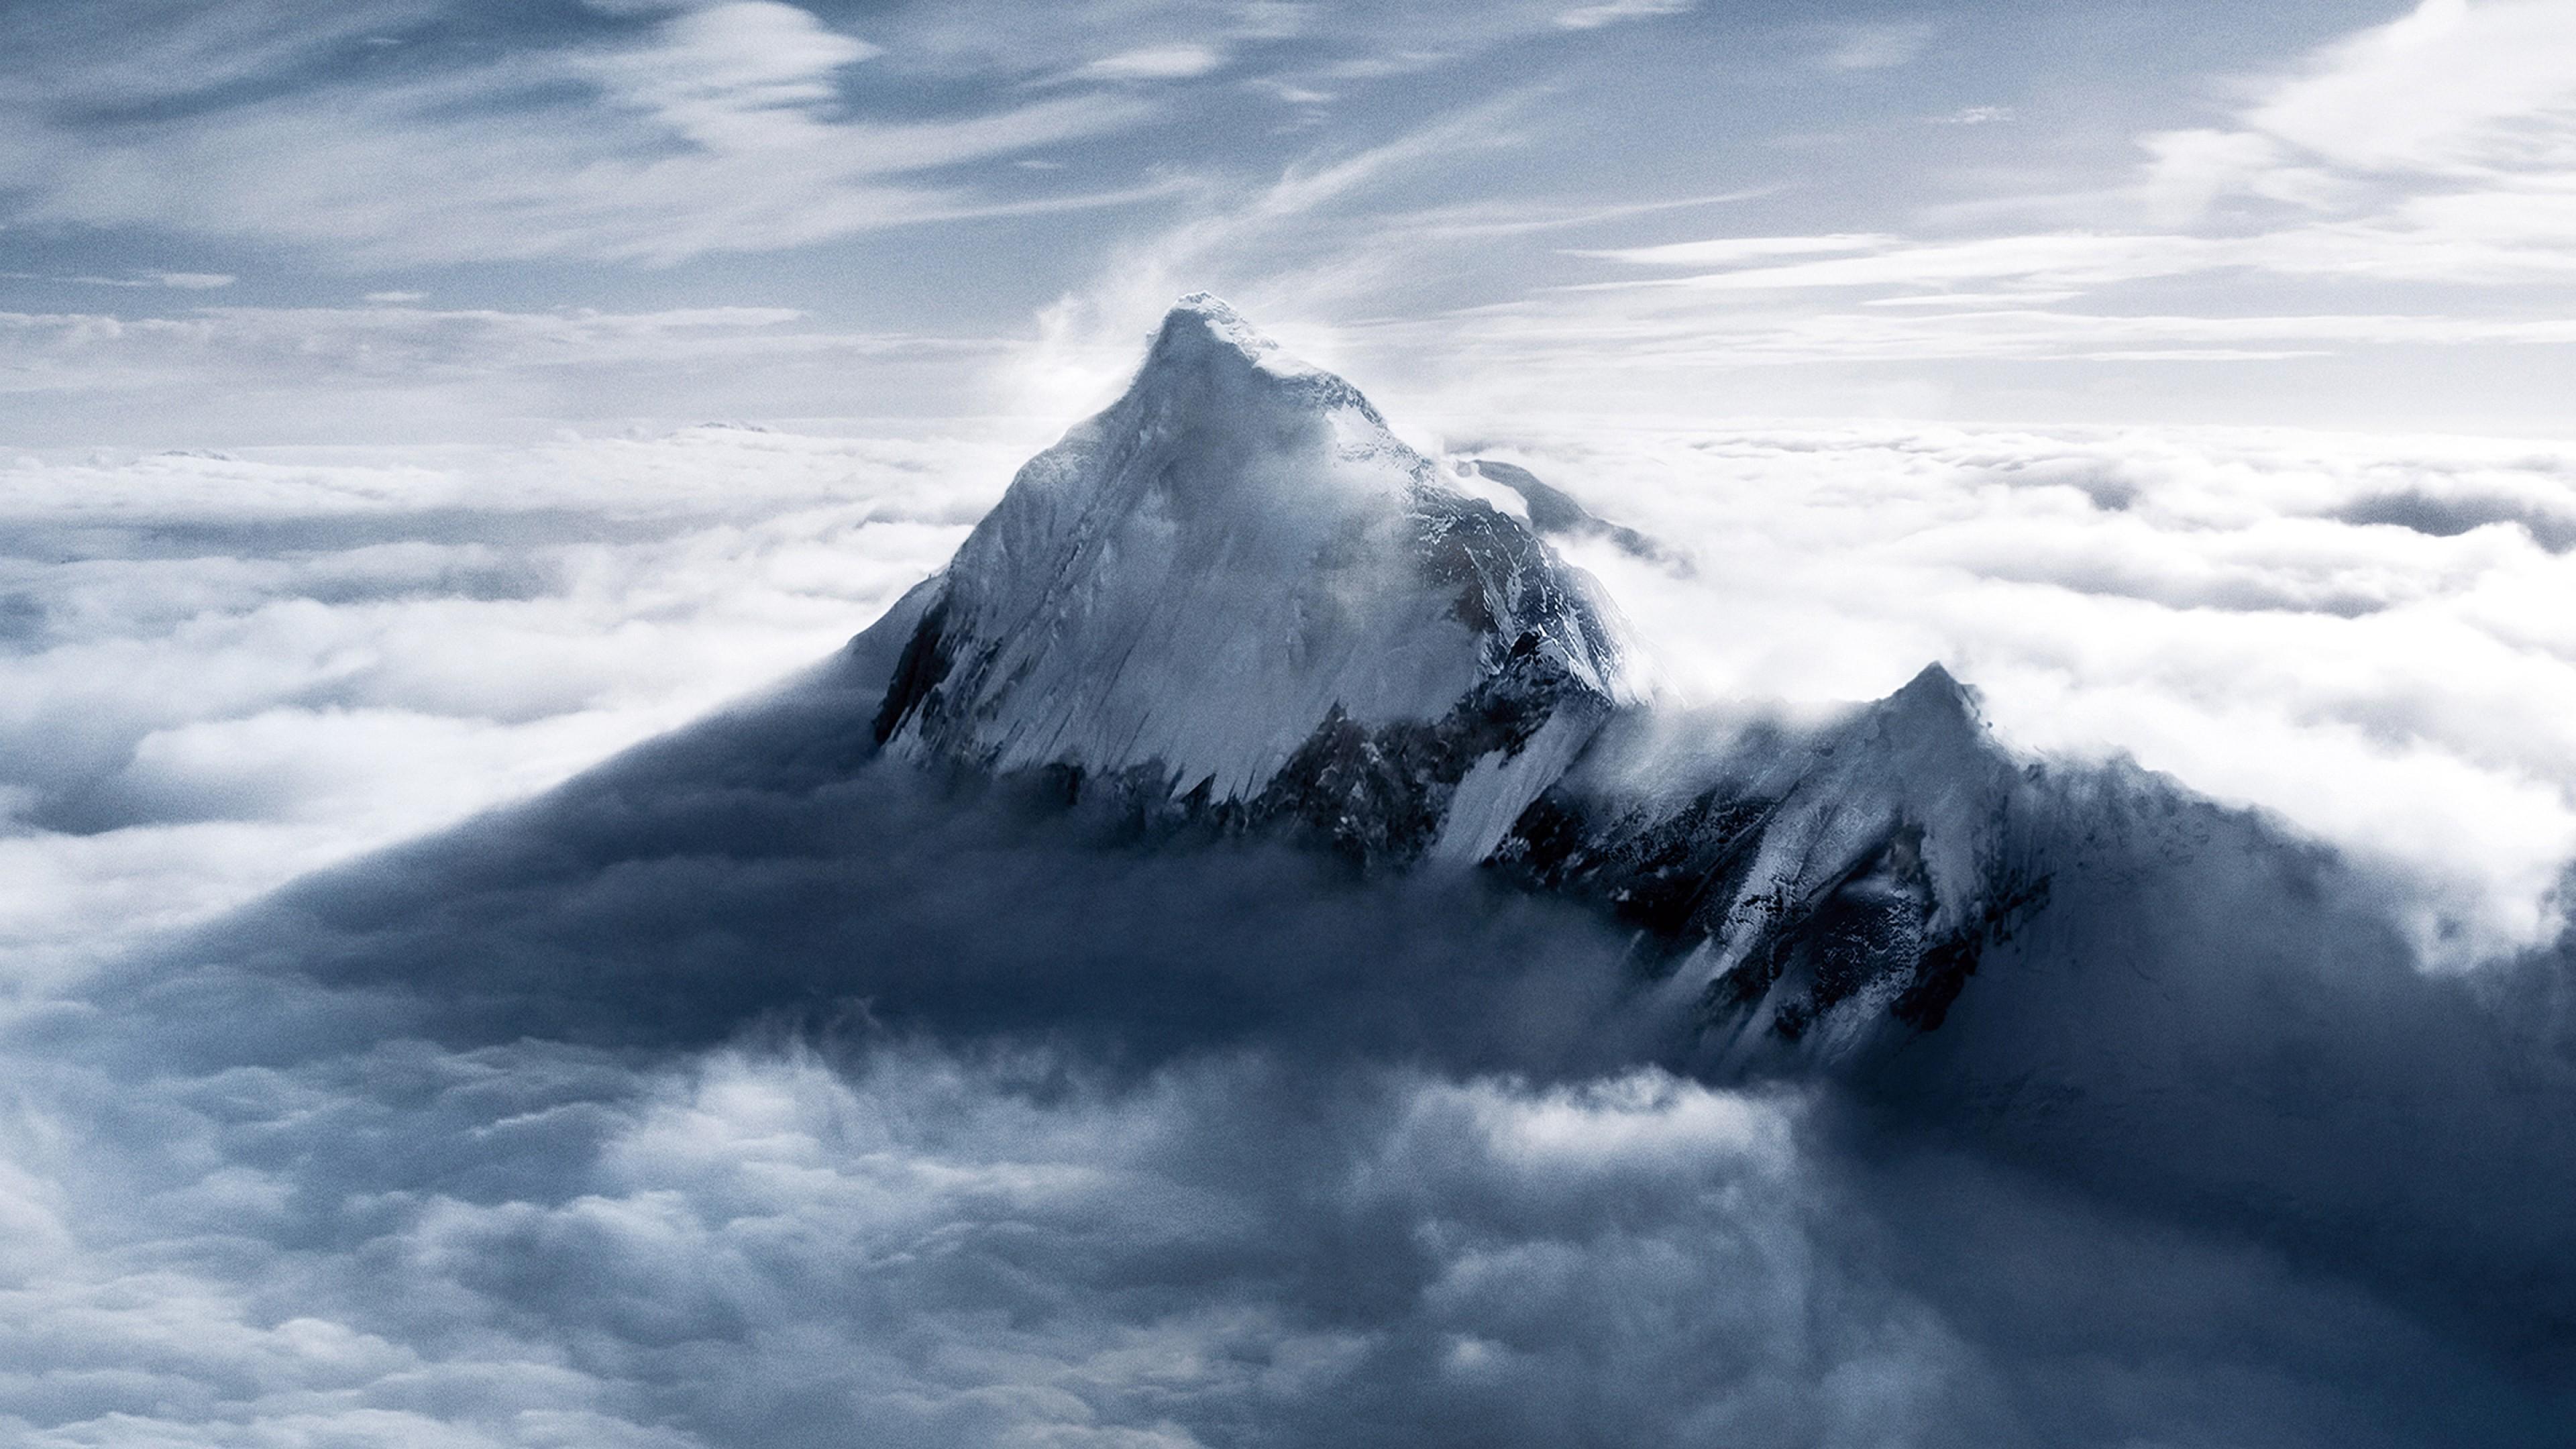 Ultra Hd 4k Mount Everest 3840x2160 Hd Computer Desktop